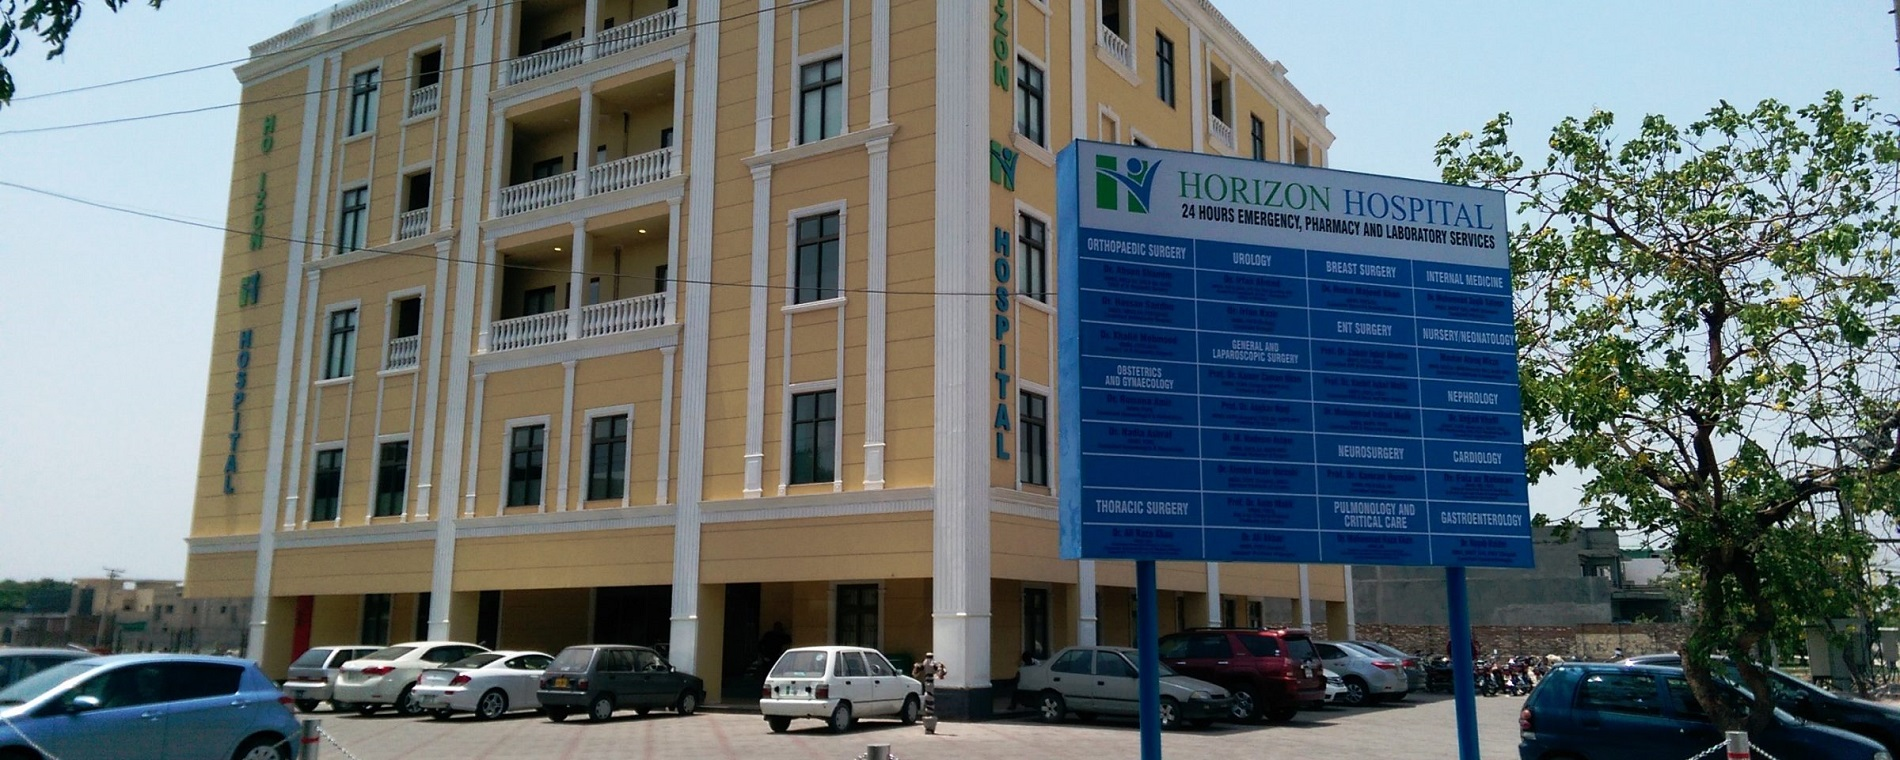 Horizon hospital front